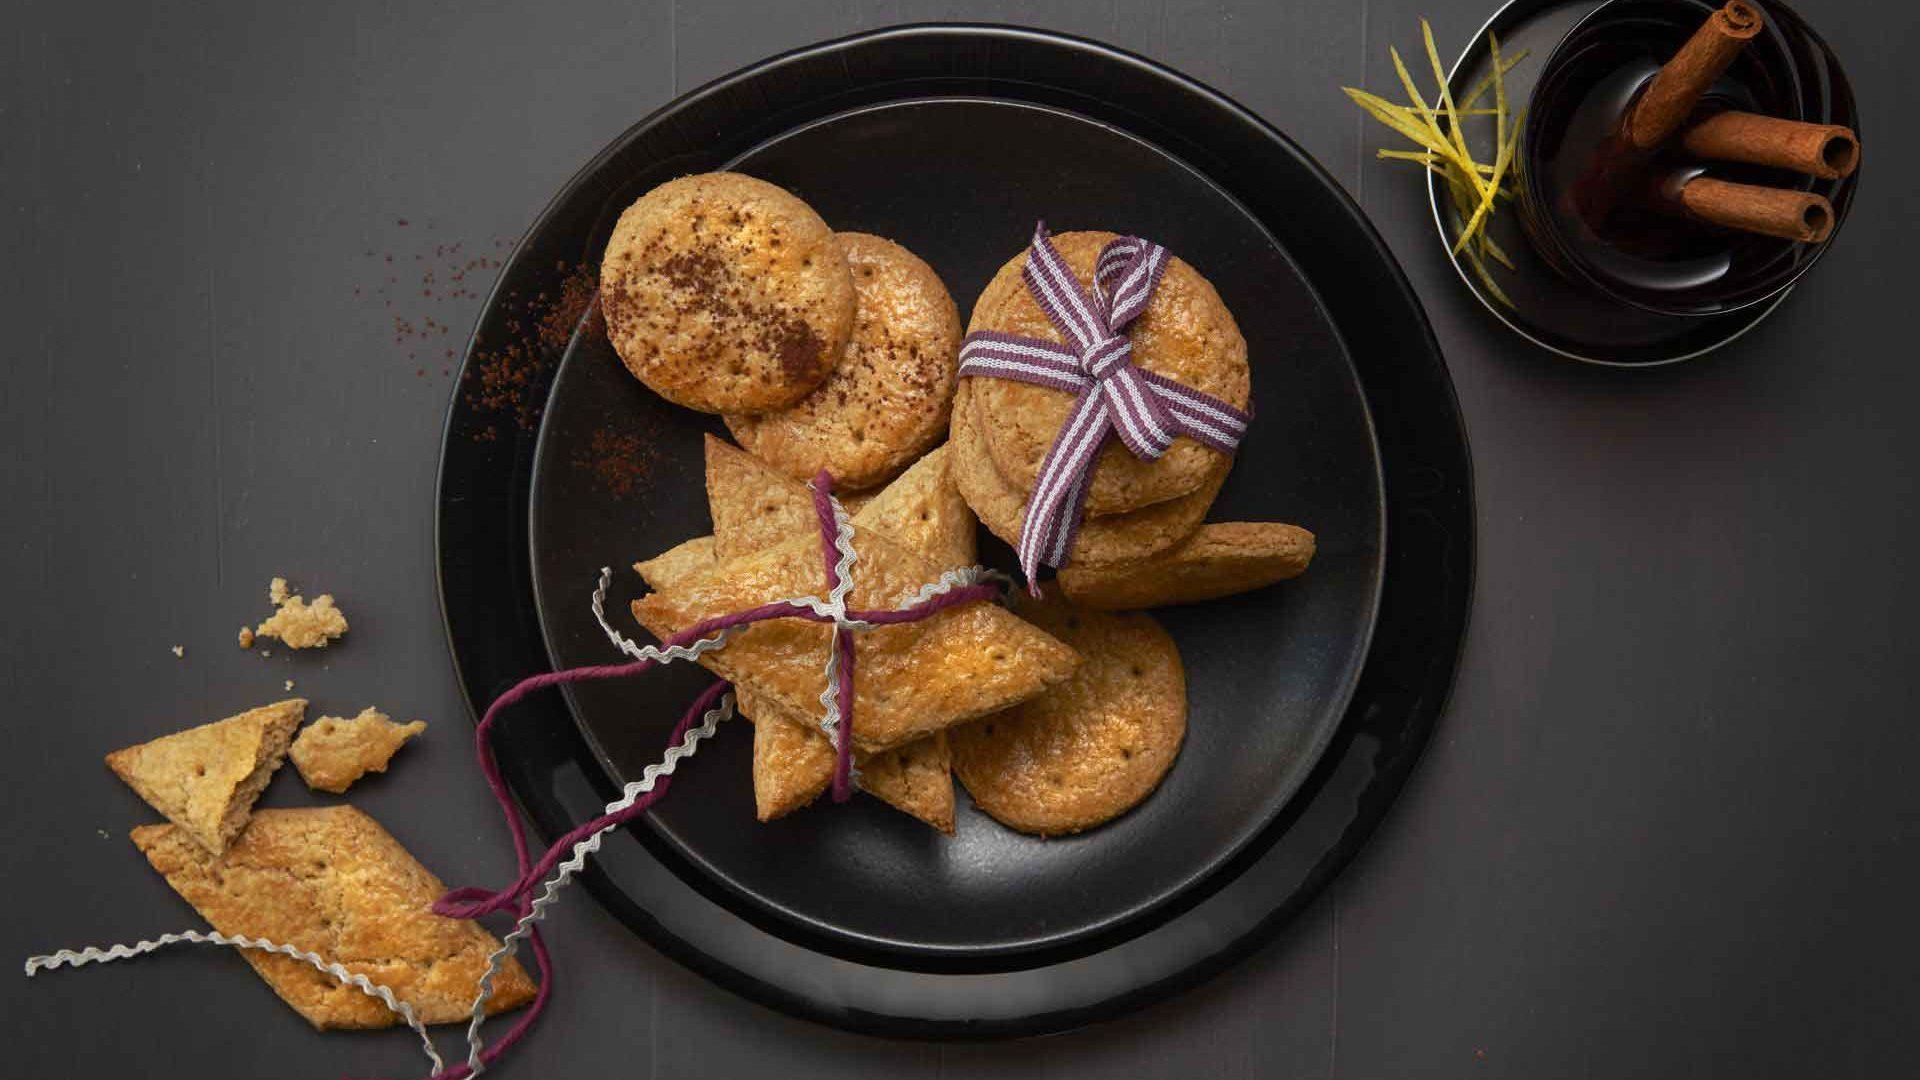 Biscuiți cu scorțișoară, nucșoară și migdale